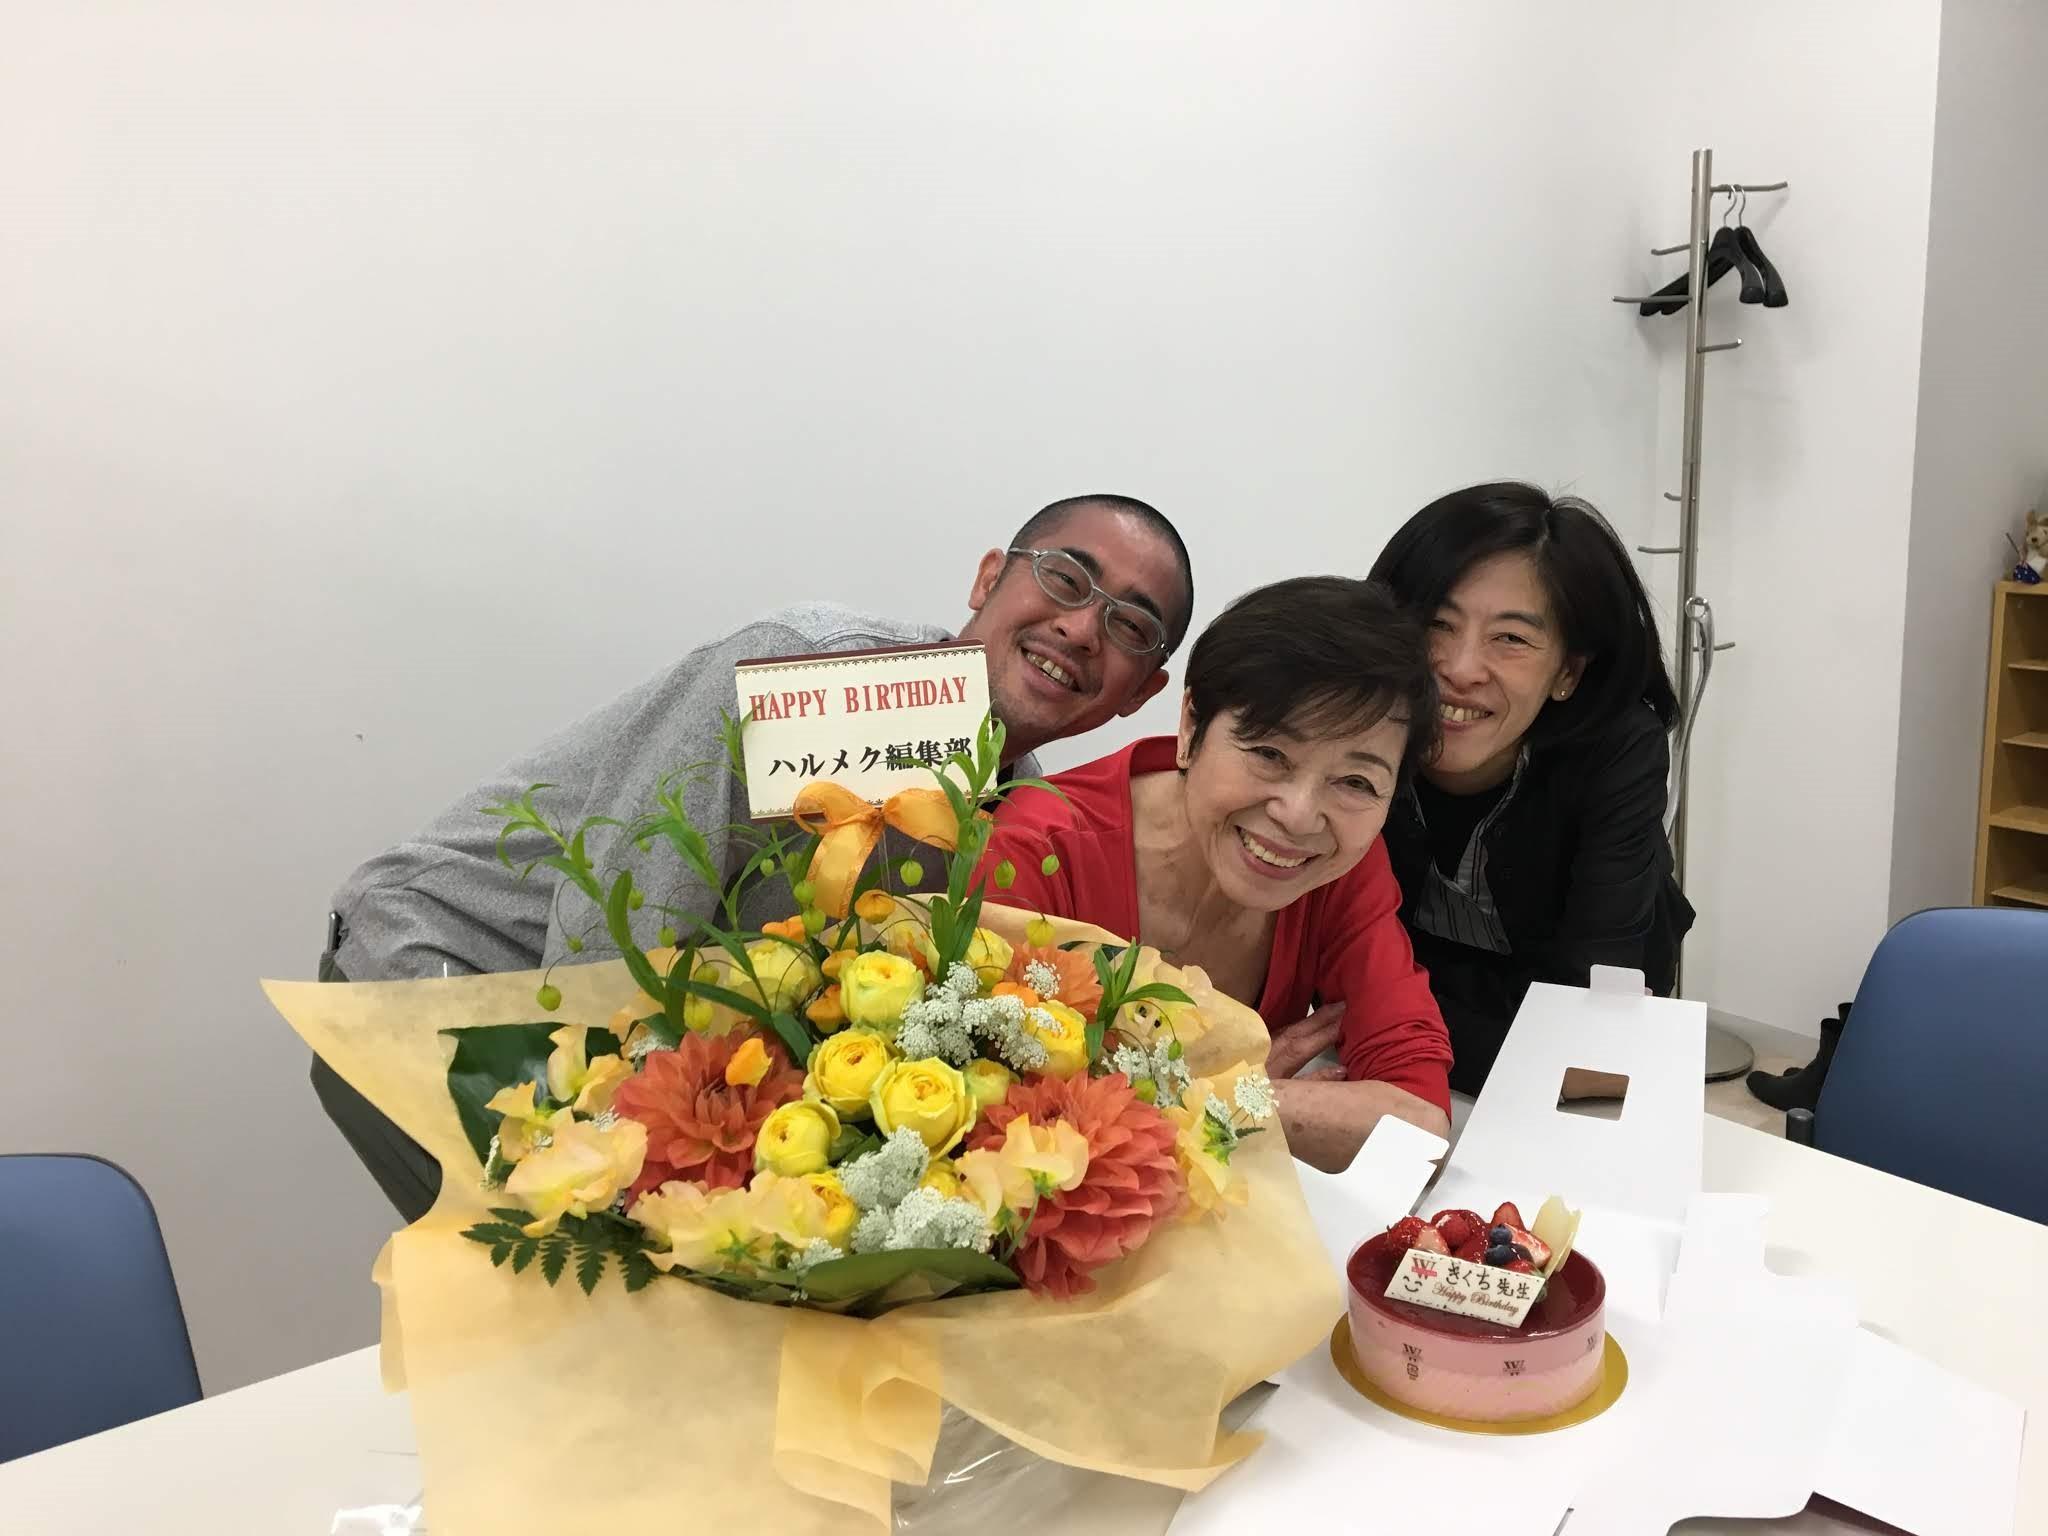 菊池先生のお誕生日